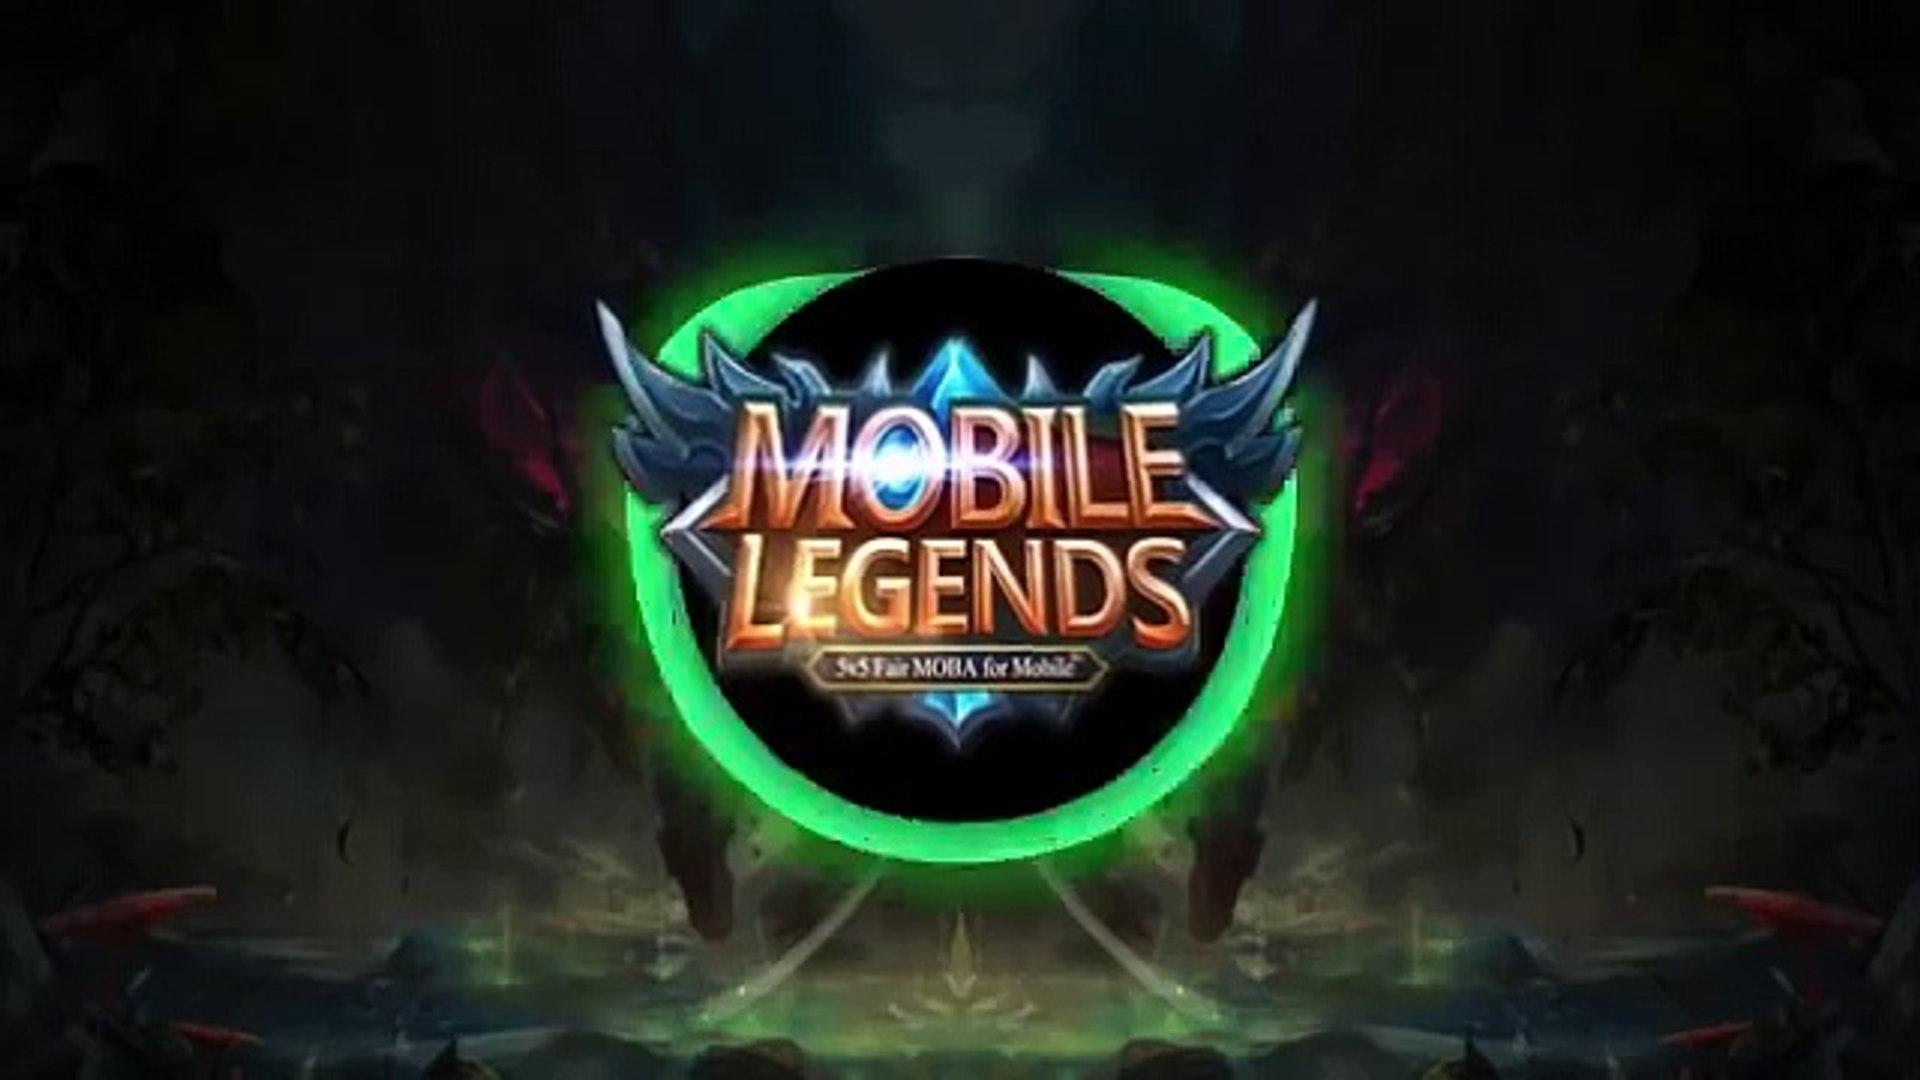 Mobile Legends Remix theme song Dubstep EDM - Valliant REMIX